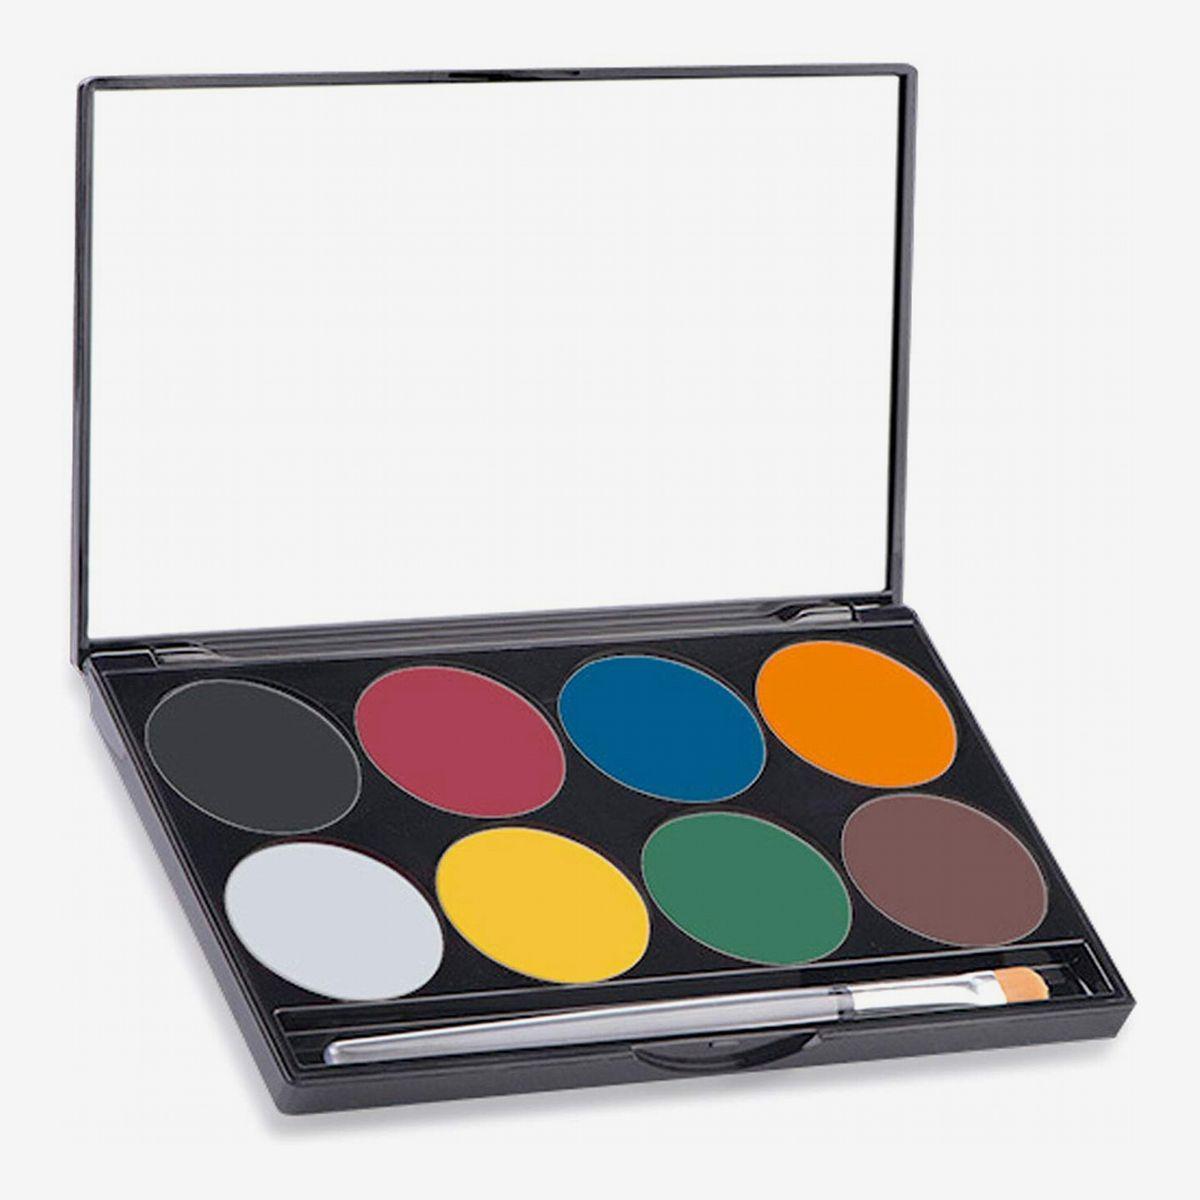 The Best Face Paint Makeup